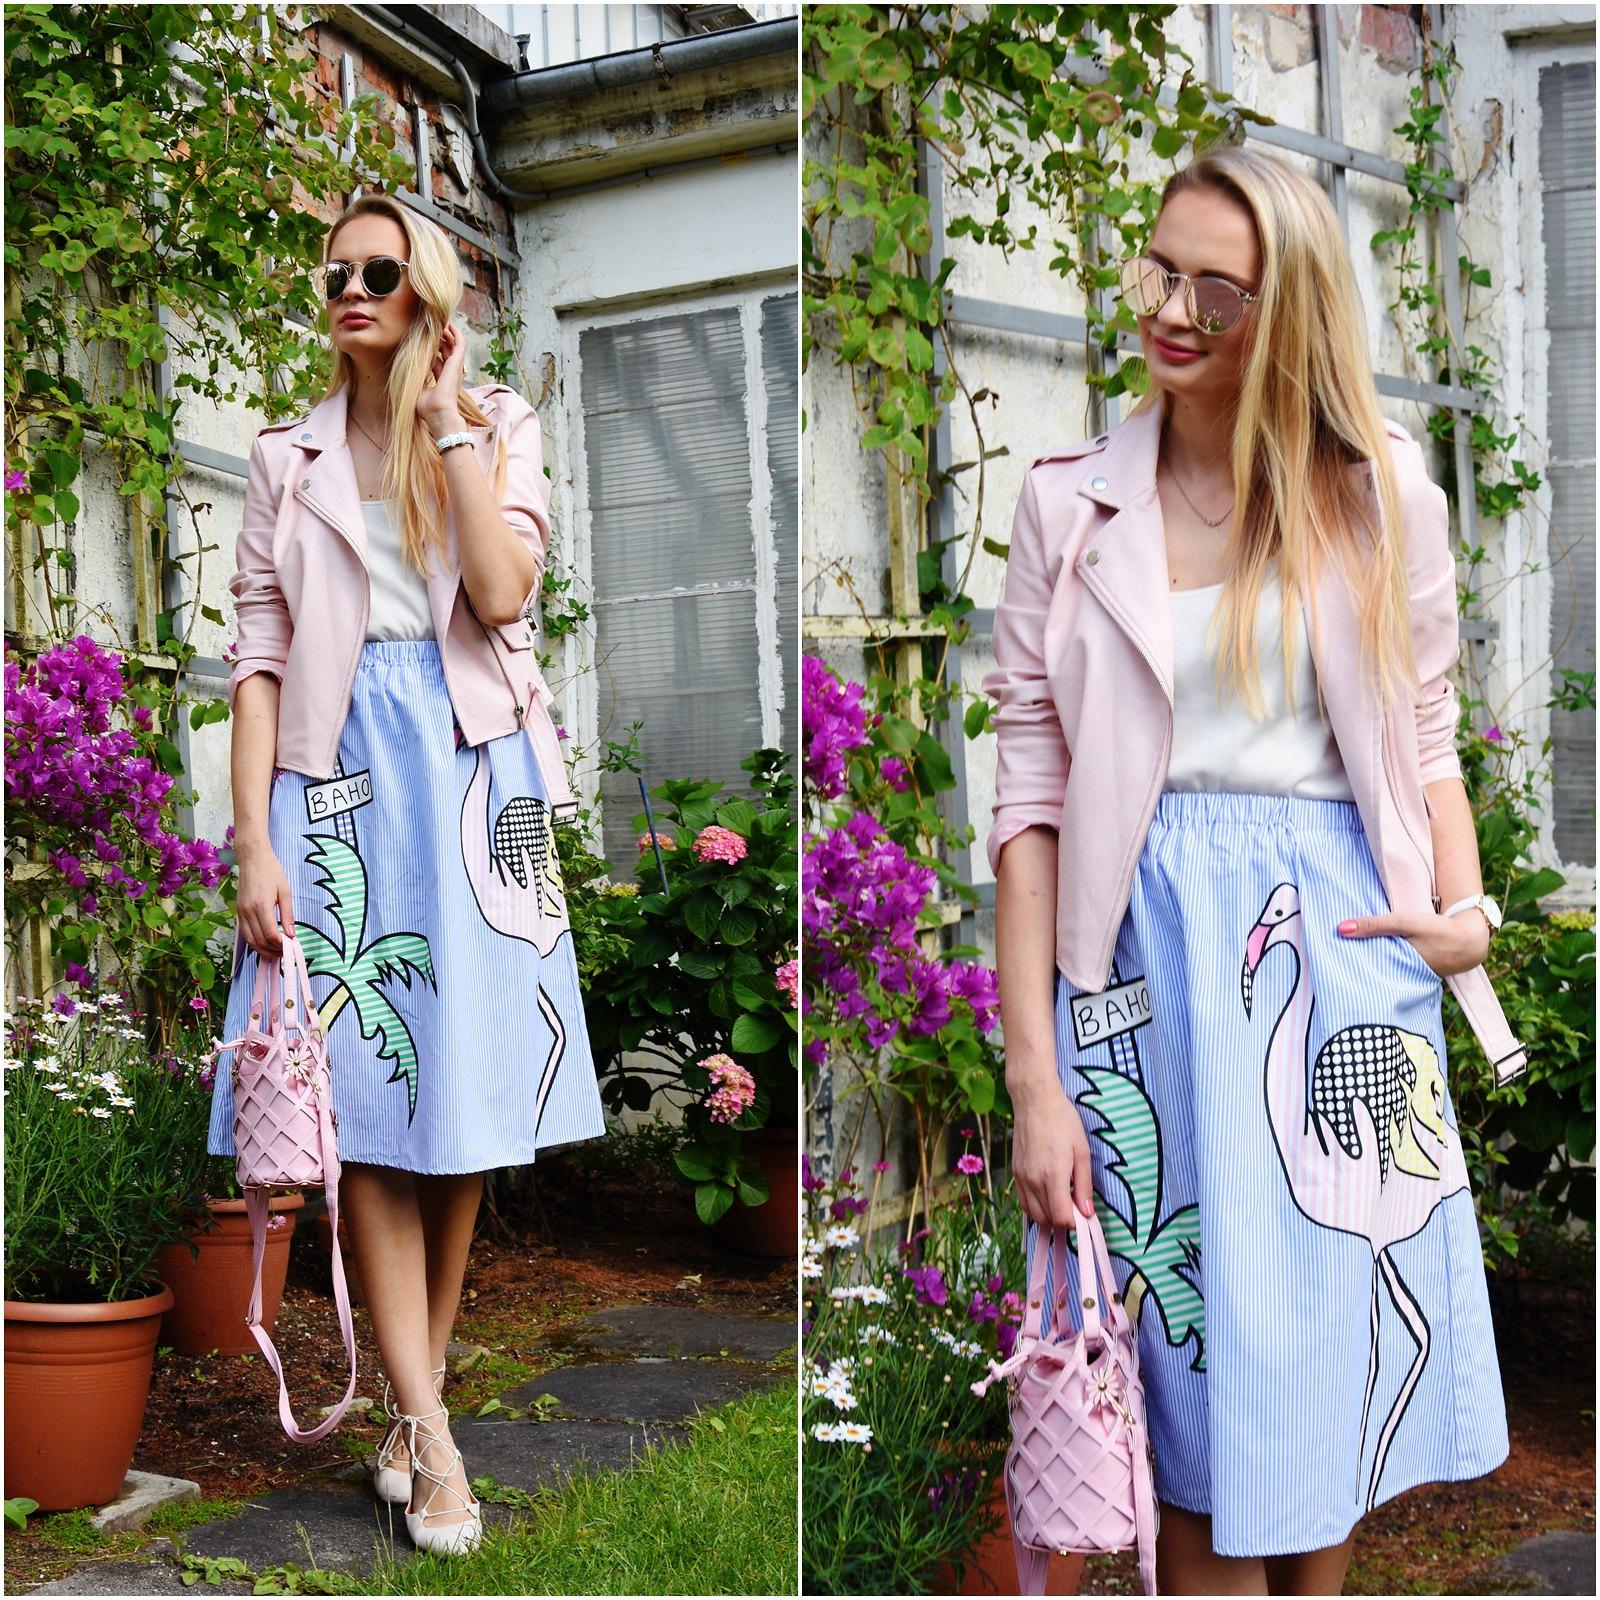 European fashion blog